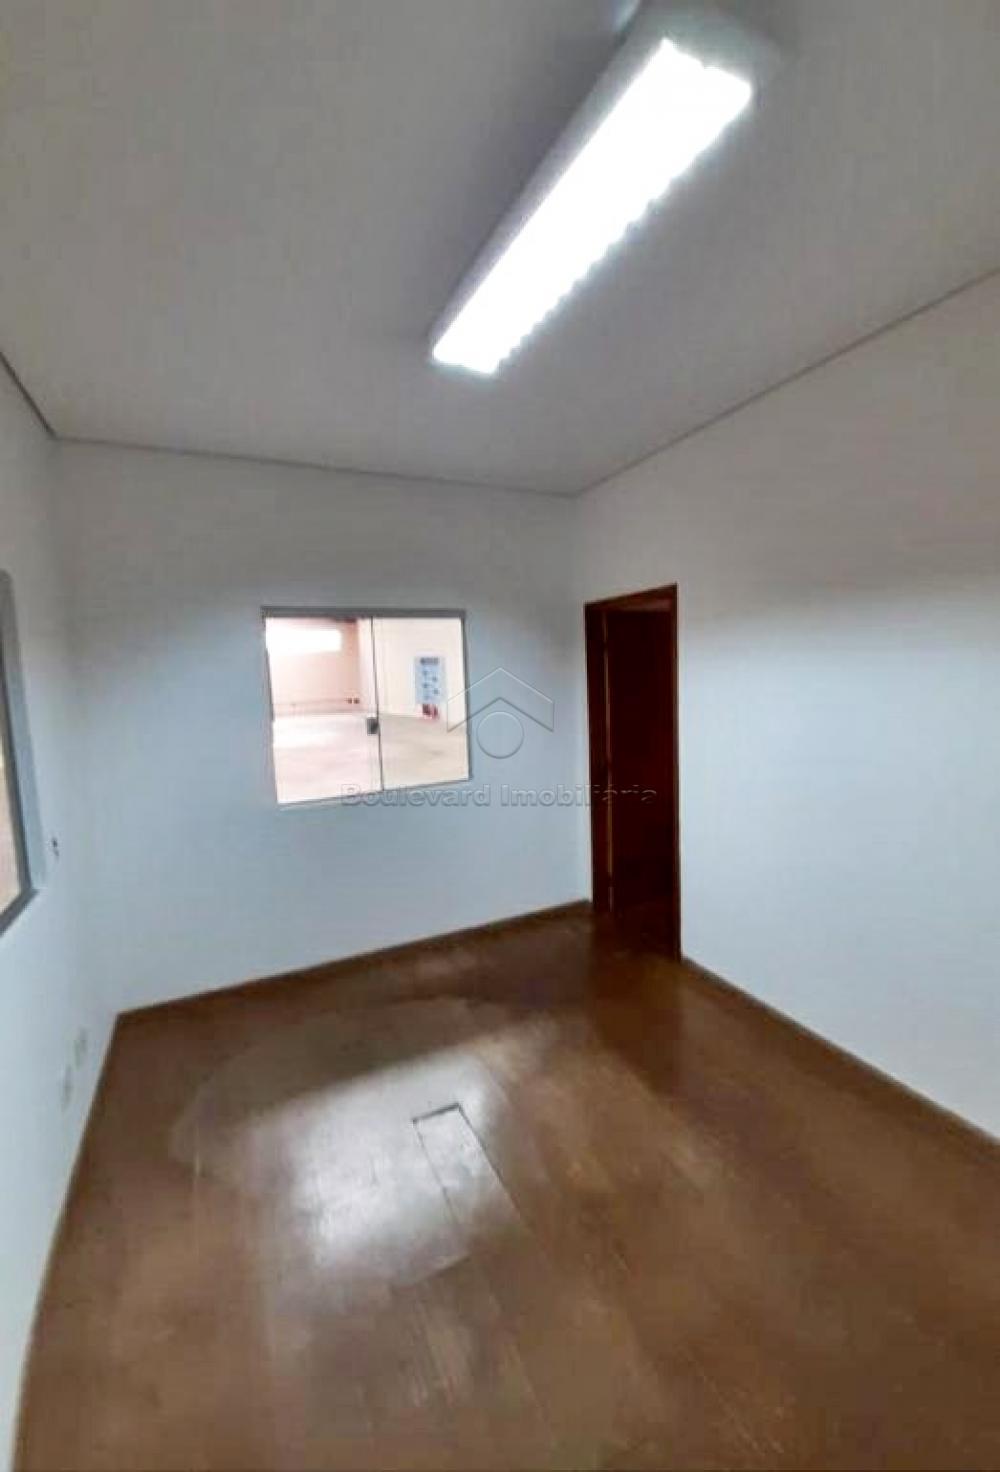 Alugar Comercial / Galpão em Ribeirão Preto R$ 8.500,00 - Foto 8